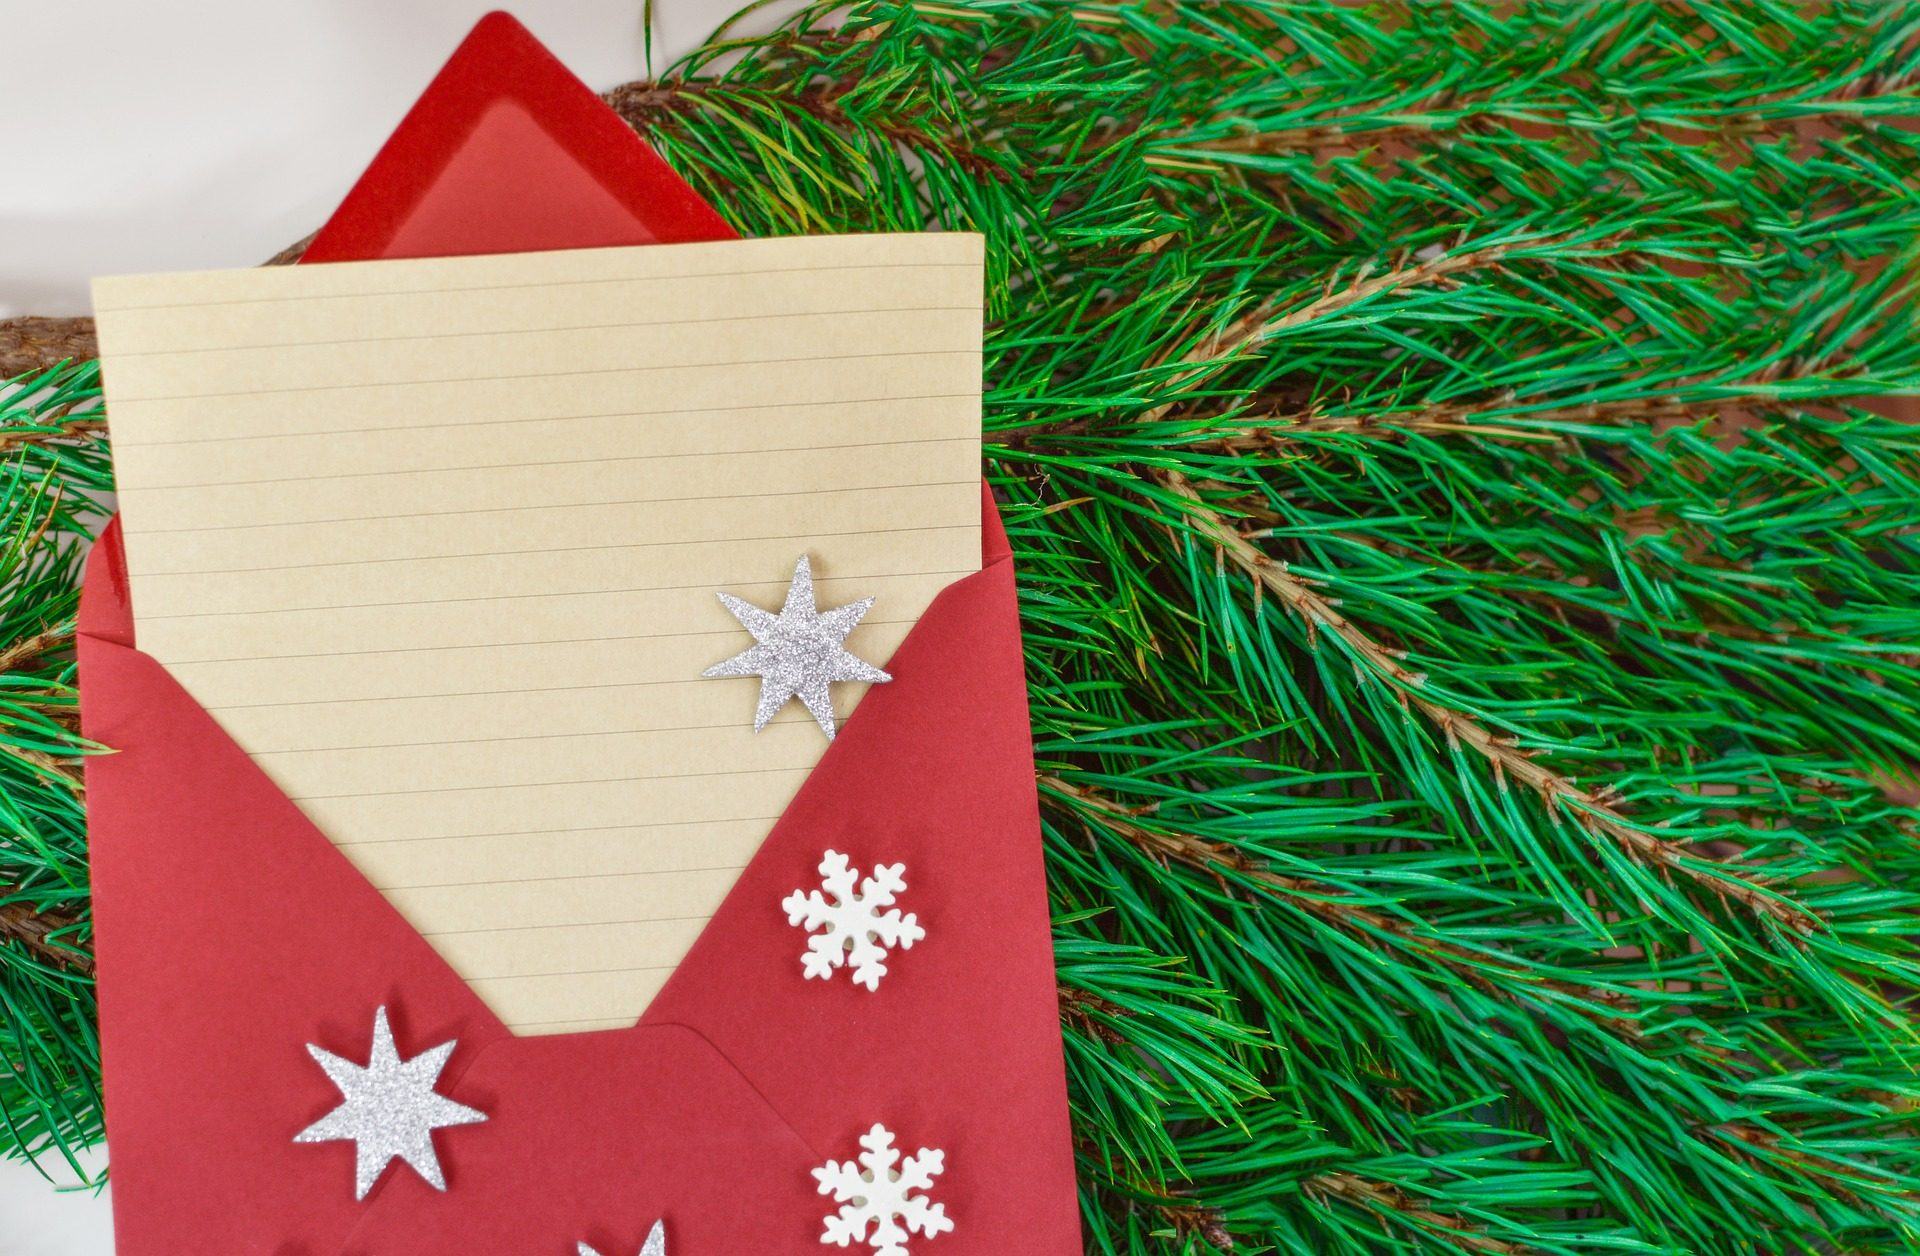 Życzenia bożonarodzeniowe po niemiecku – Weihnachtswünsche.